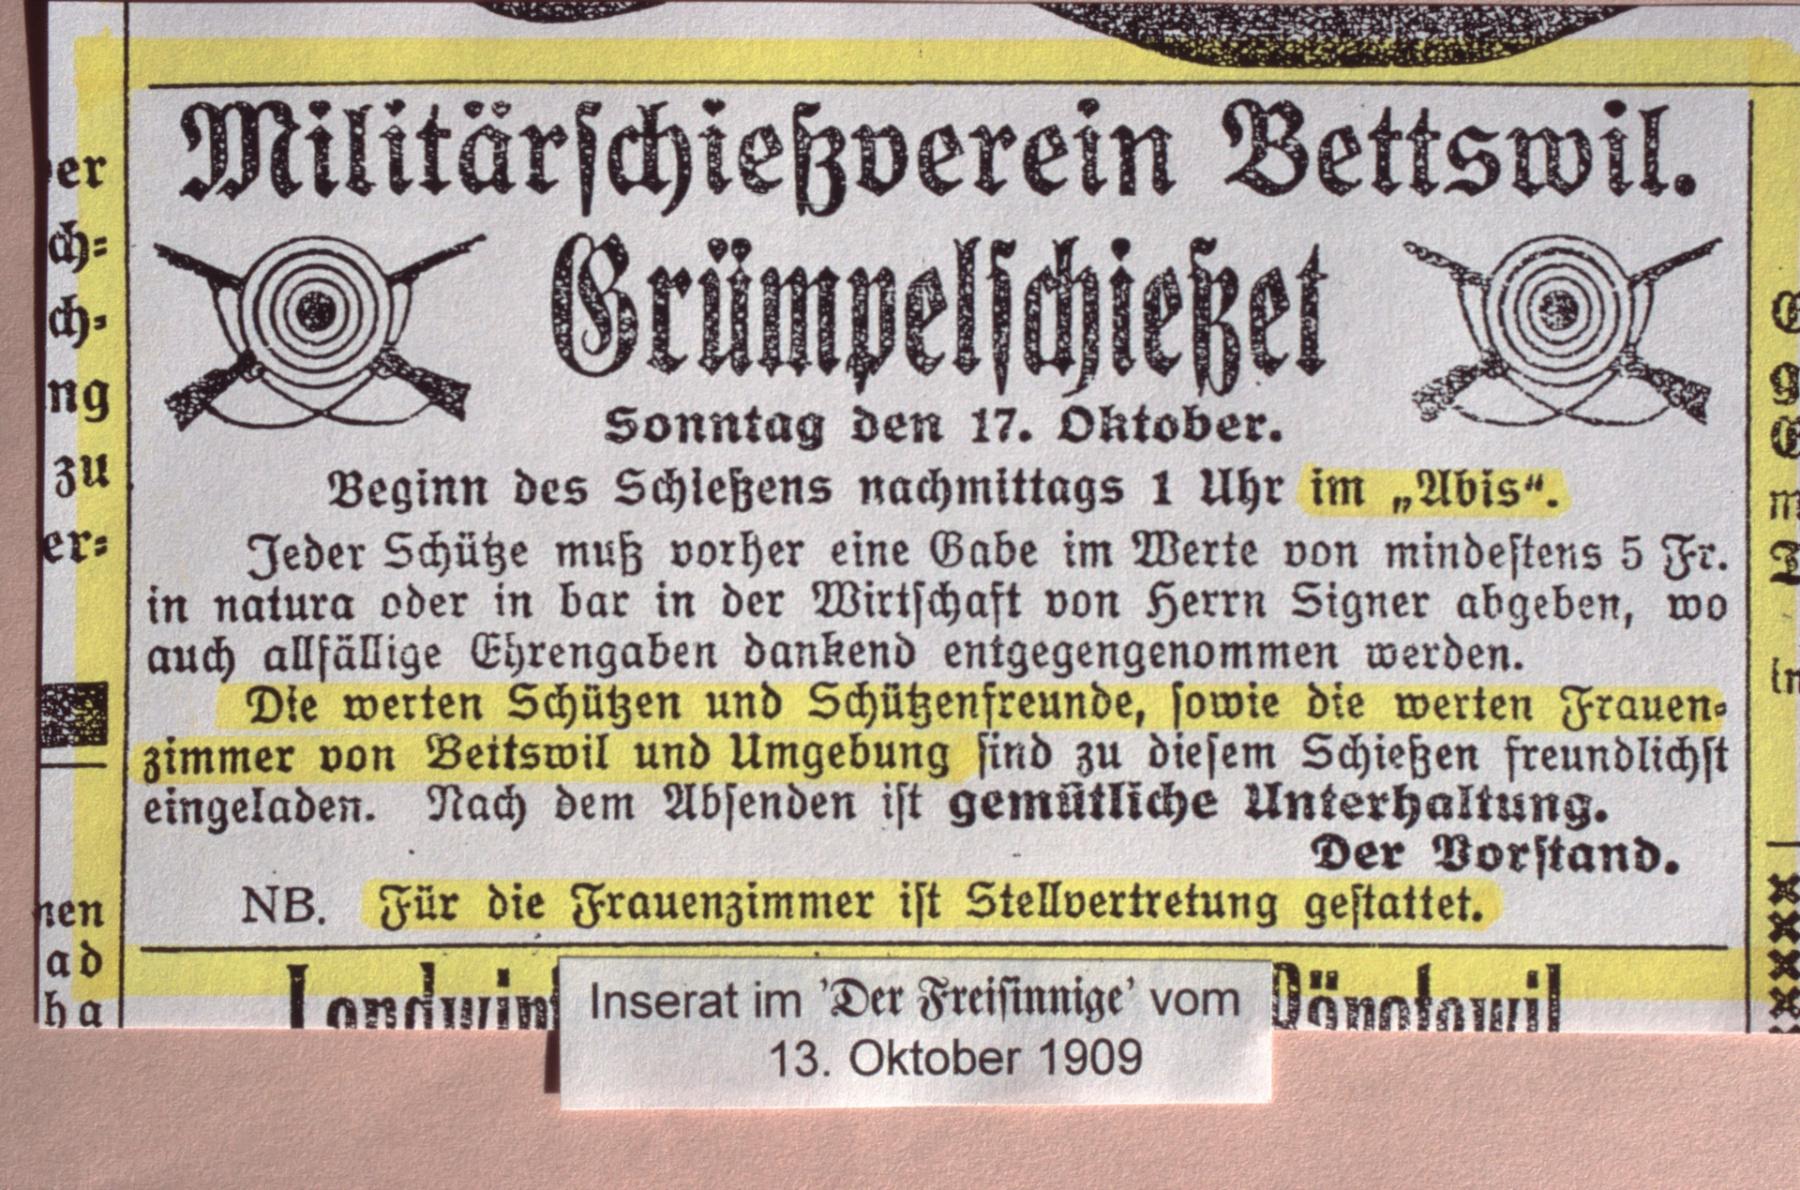 Militärschiessverein Bettswil, Inserat ,Grümpelschiesset im Abis'